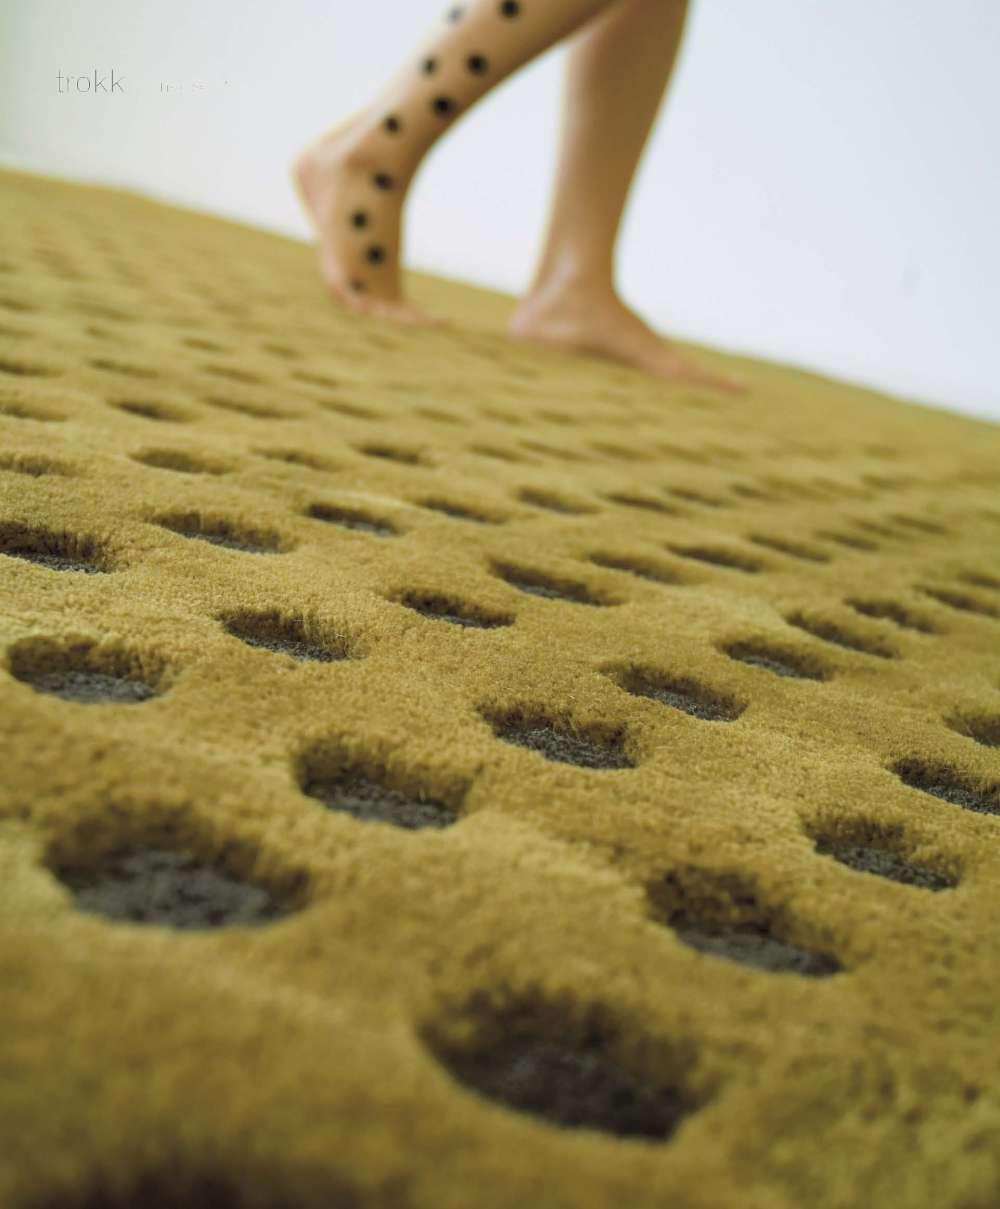 SIDI_Milano09-Rug(邱德光常用品牌地毯)10.21更新_043.jpg